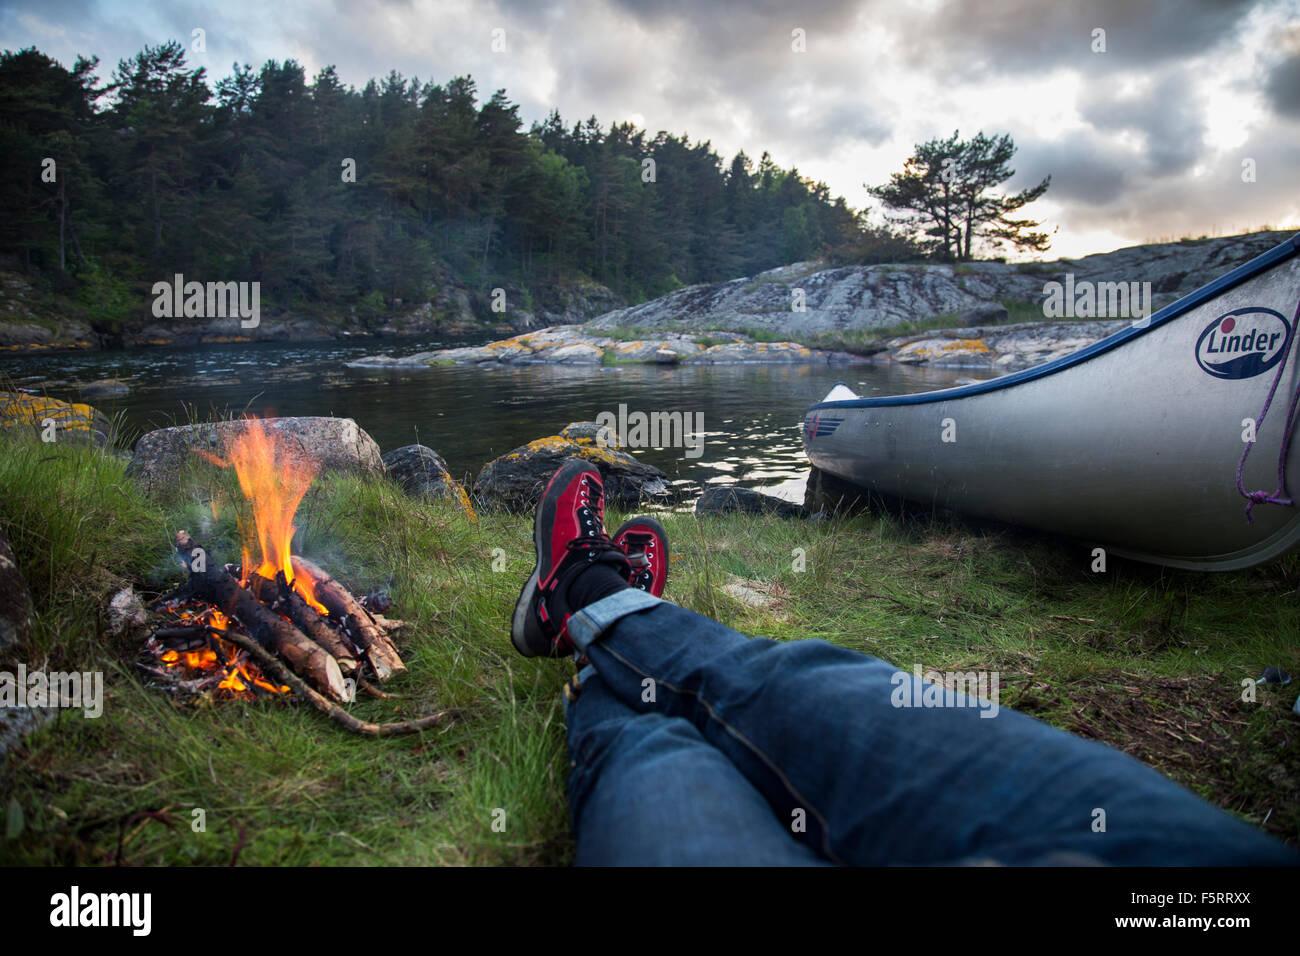 Suecia, Costa oeste, Bohuslan, Flato, perspectiva personal de hombre tumbado por fogata en riverbank Imagen De Stock